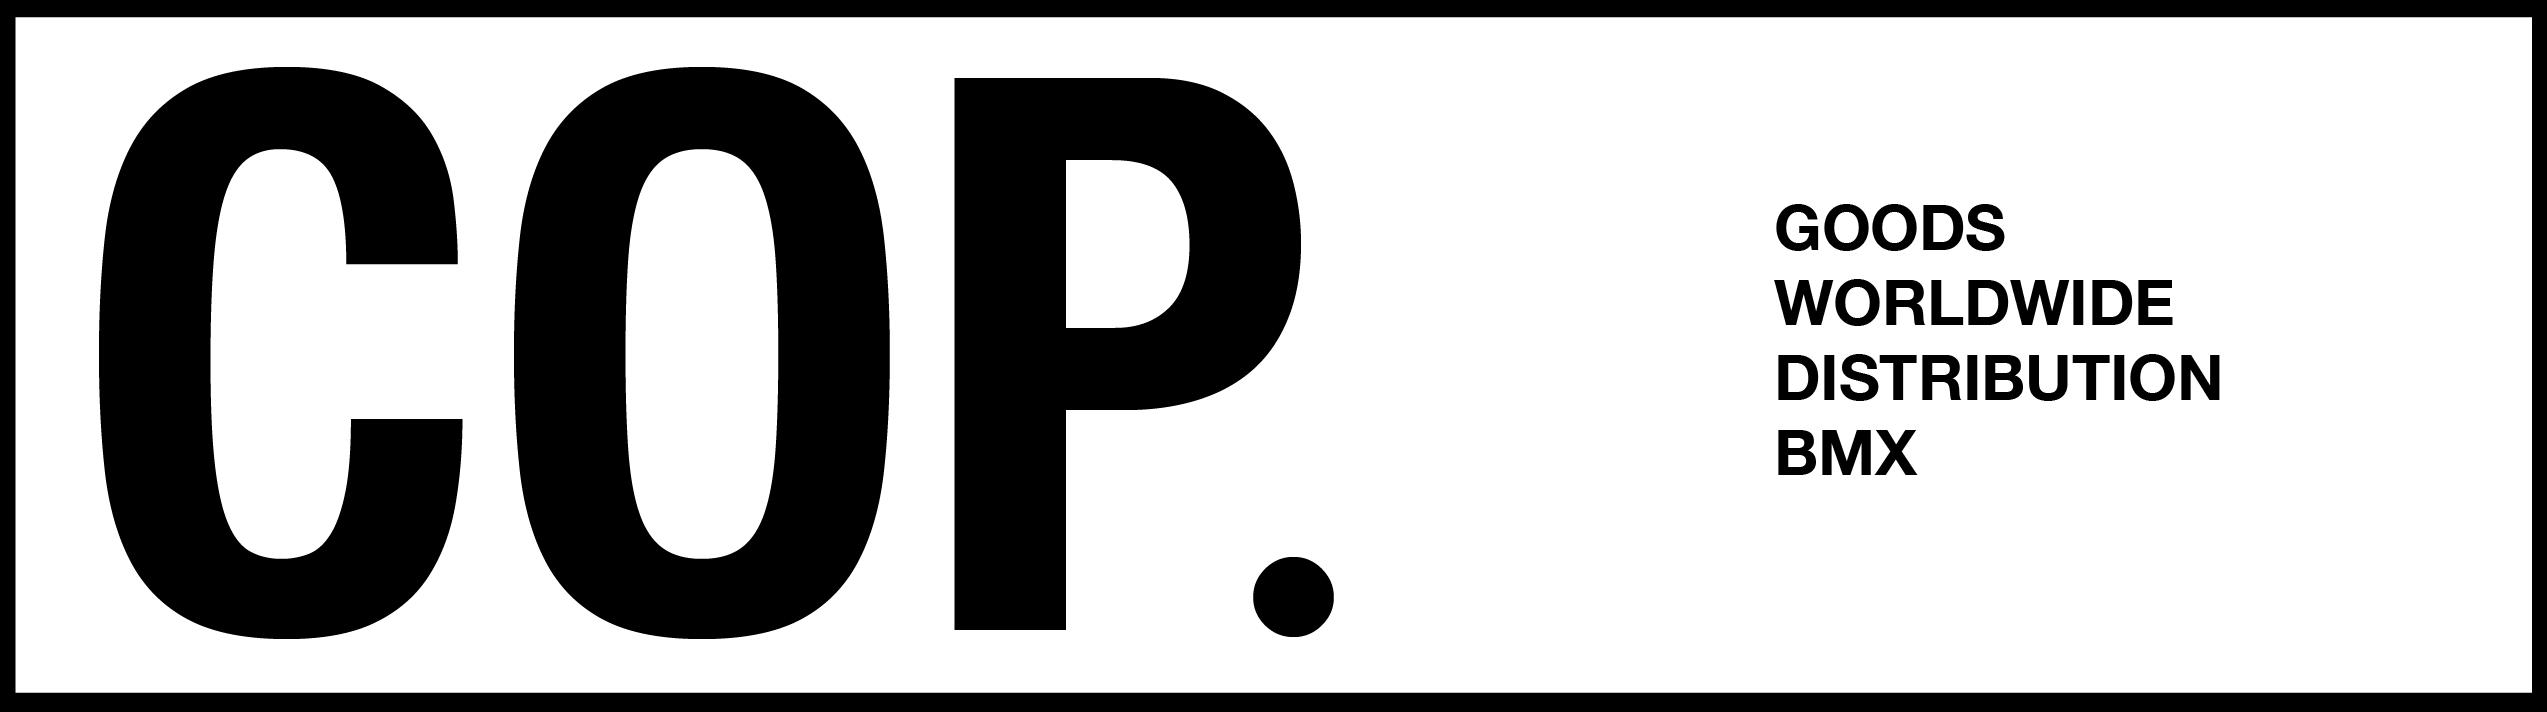 COP Distribution